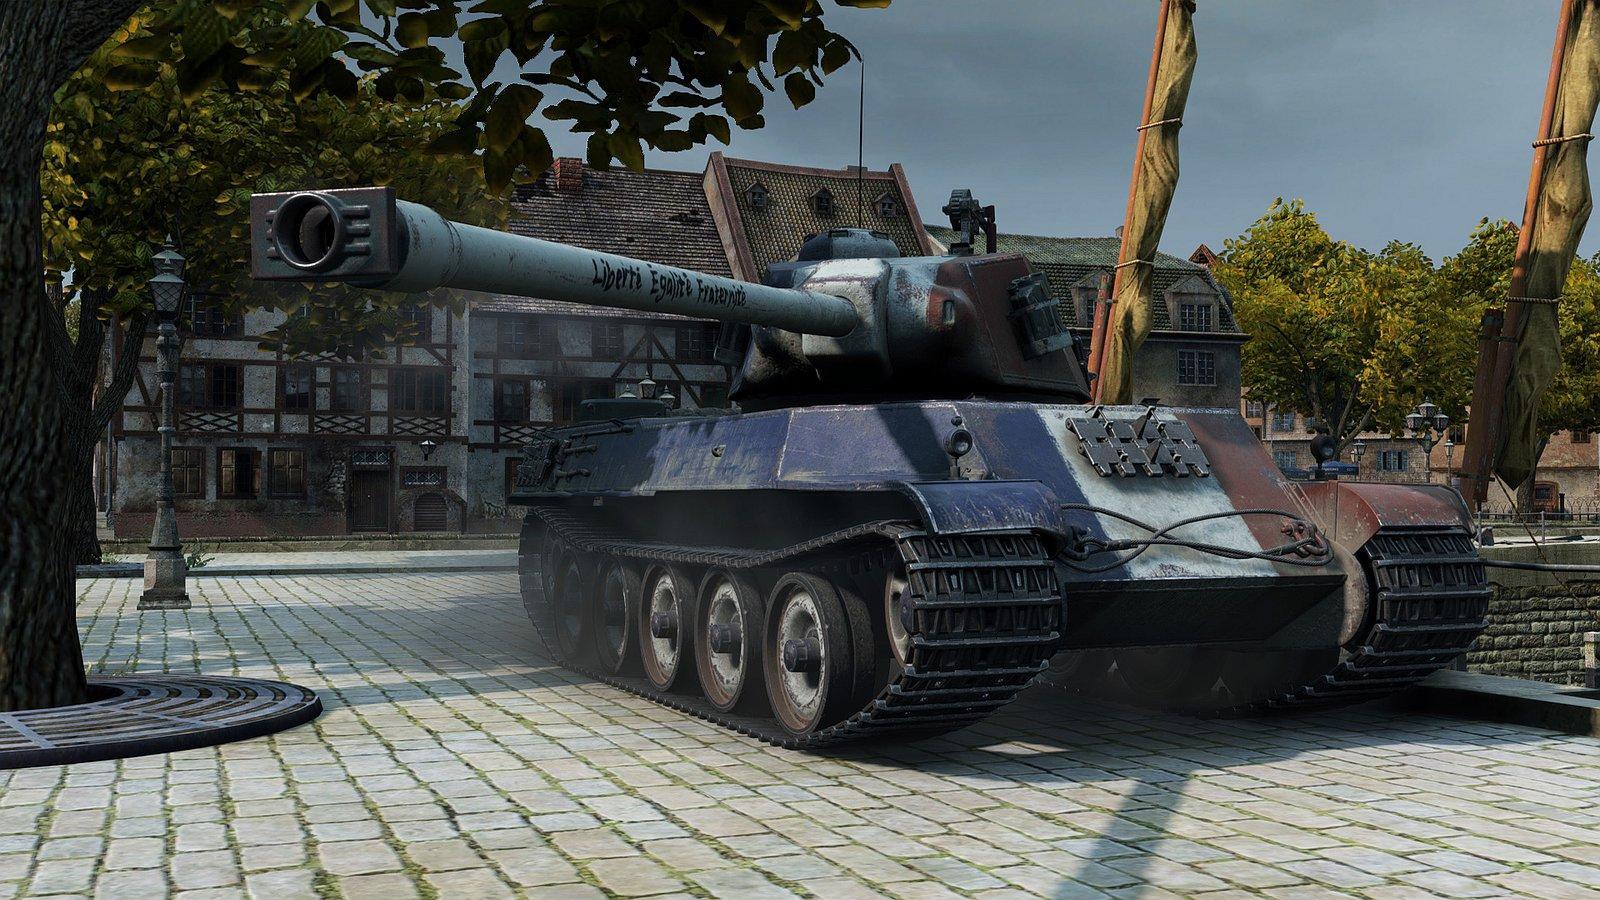 AMX M4 mle. 49 | Liberté Égalité Fraternité